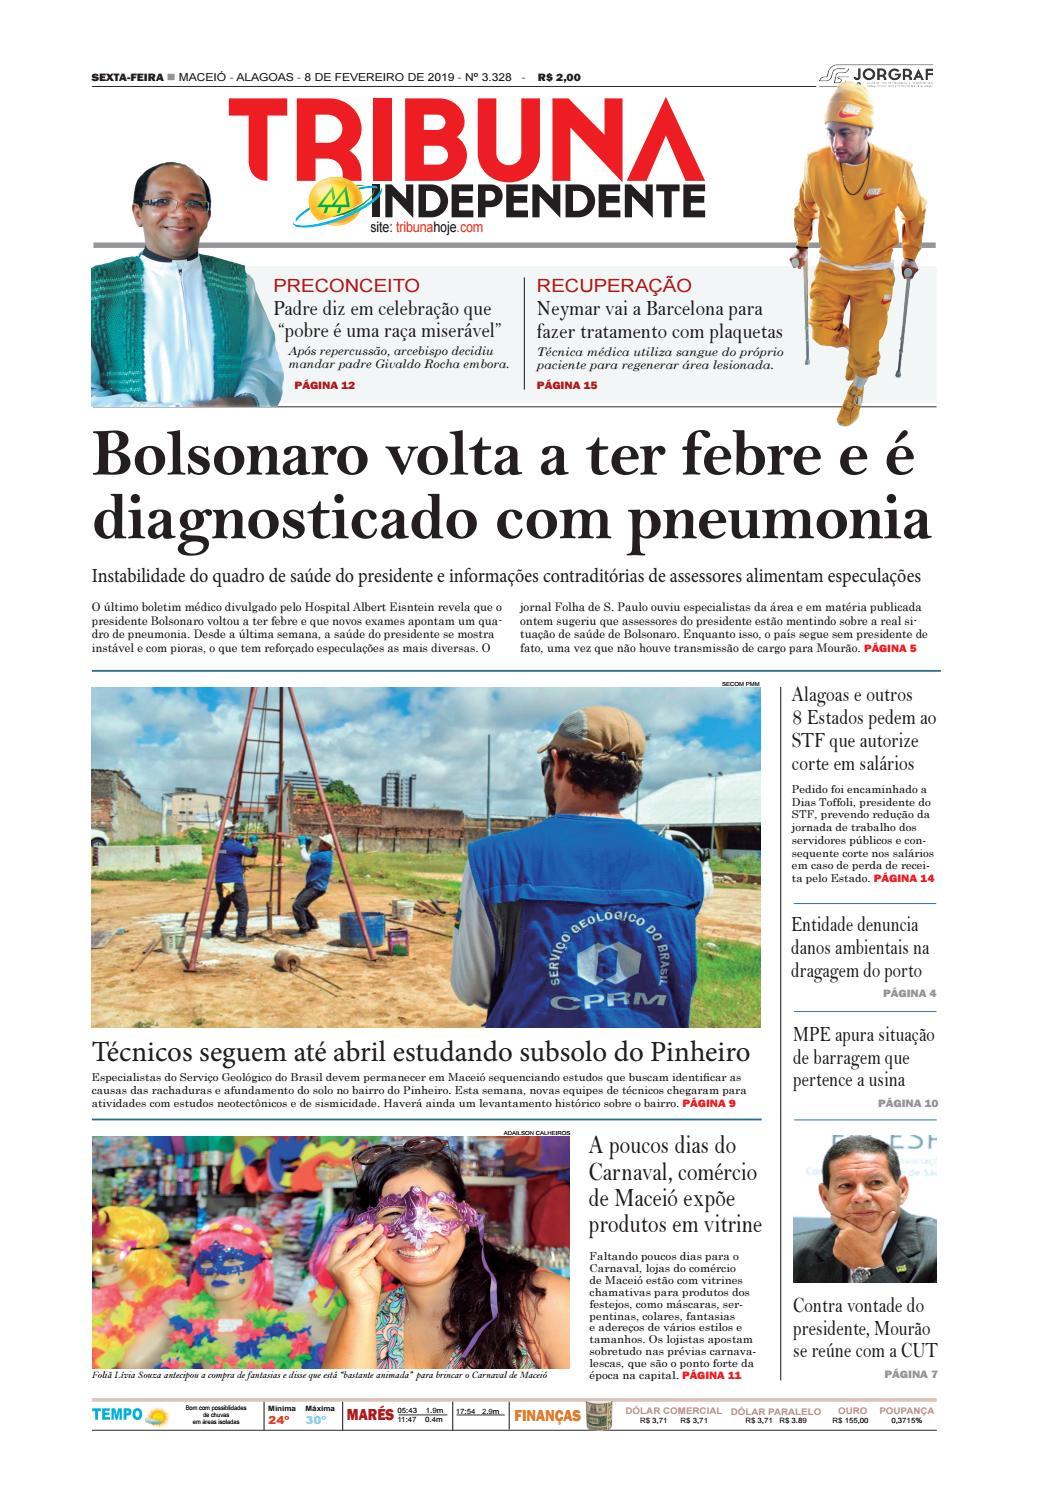 a8c7b396d Edição número 3328 - 8 de fevereiro de 2019 by Tribuna Hoje - issuu